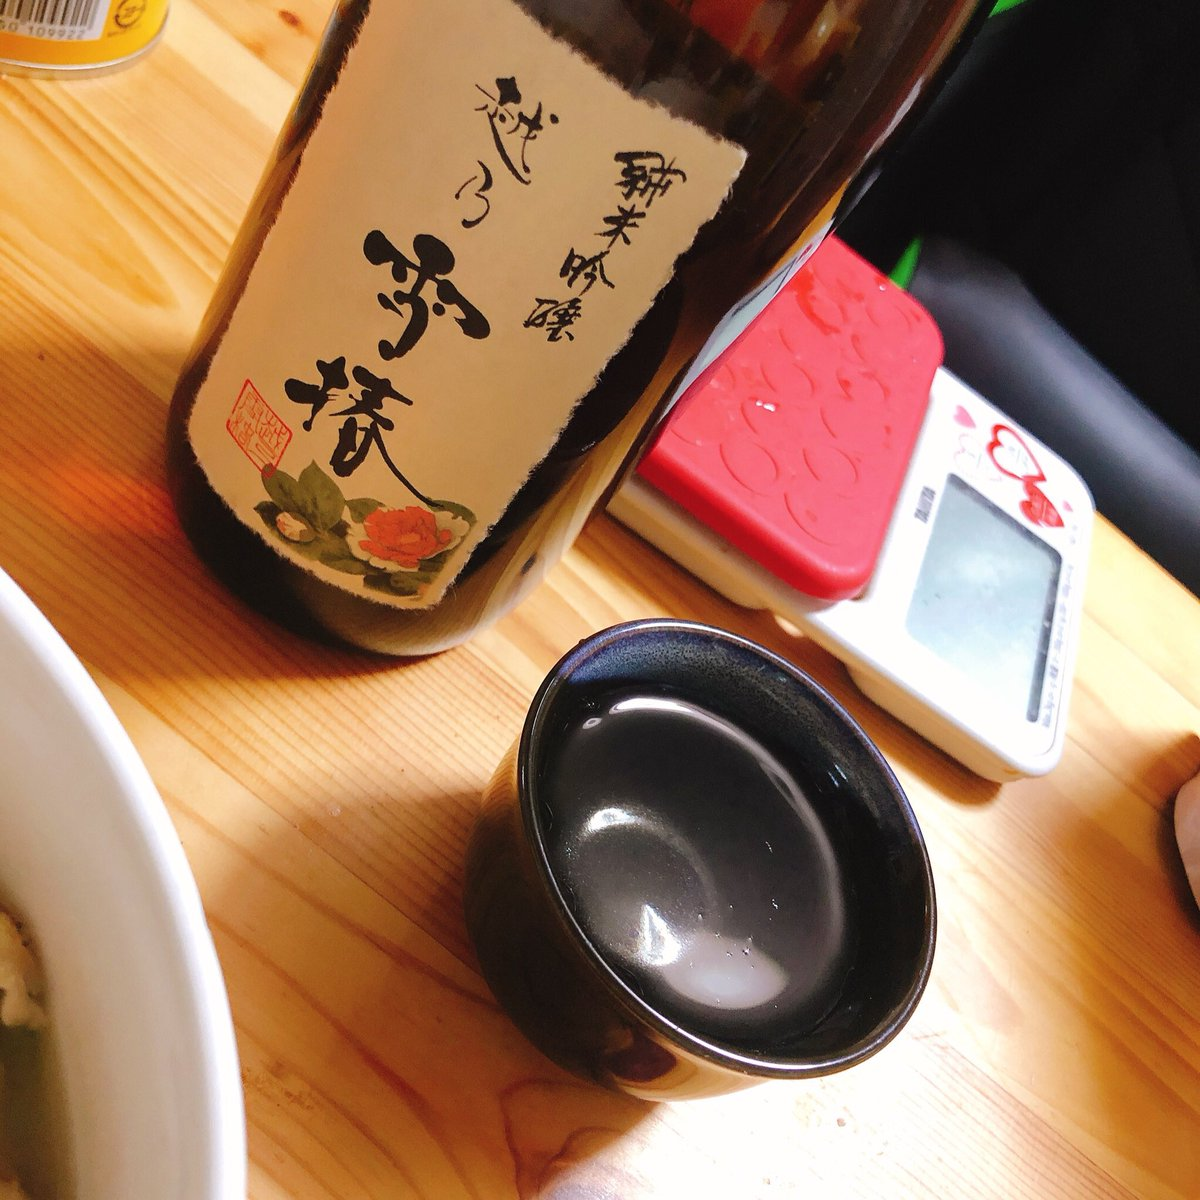 test ツイッターメディア - (・∀・)雪椿酒造さんの越乃雪椿 (川∀`)濃厚なコク (・∀・)純米吟醸だが、香りより味わいが強い。うまい。 https://t.co/pKmhbGfIR2